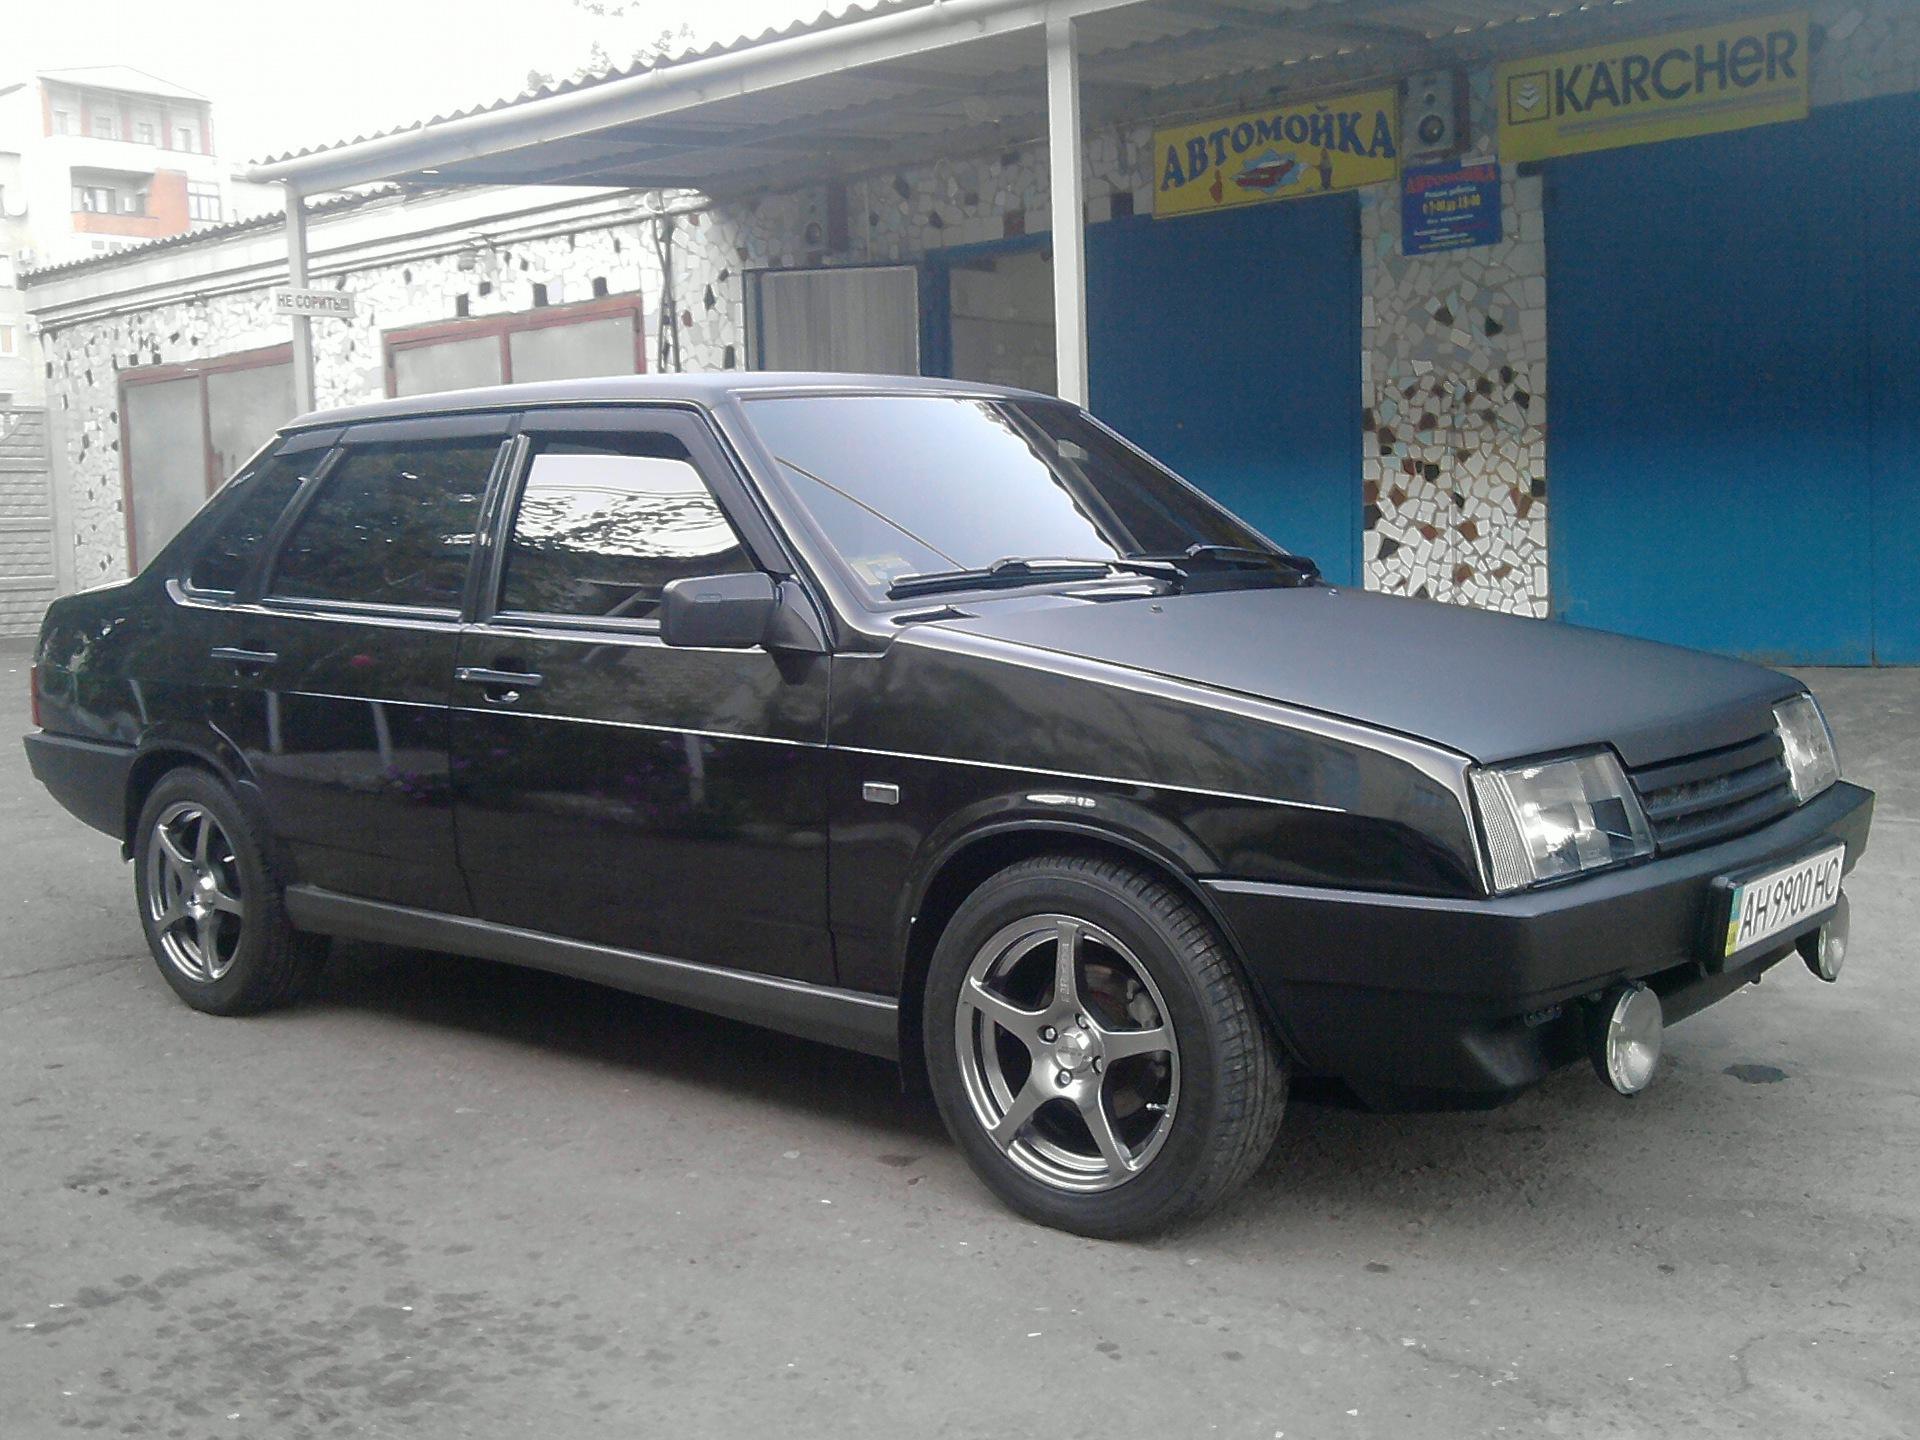 RIA Продажа Лада 21099 бу: купить ВАЗ 21099 в Украине